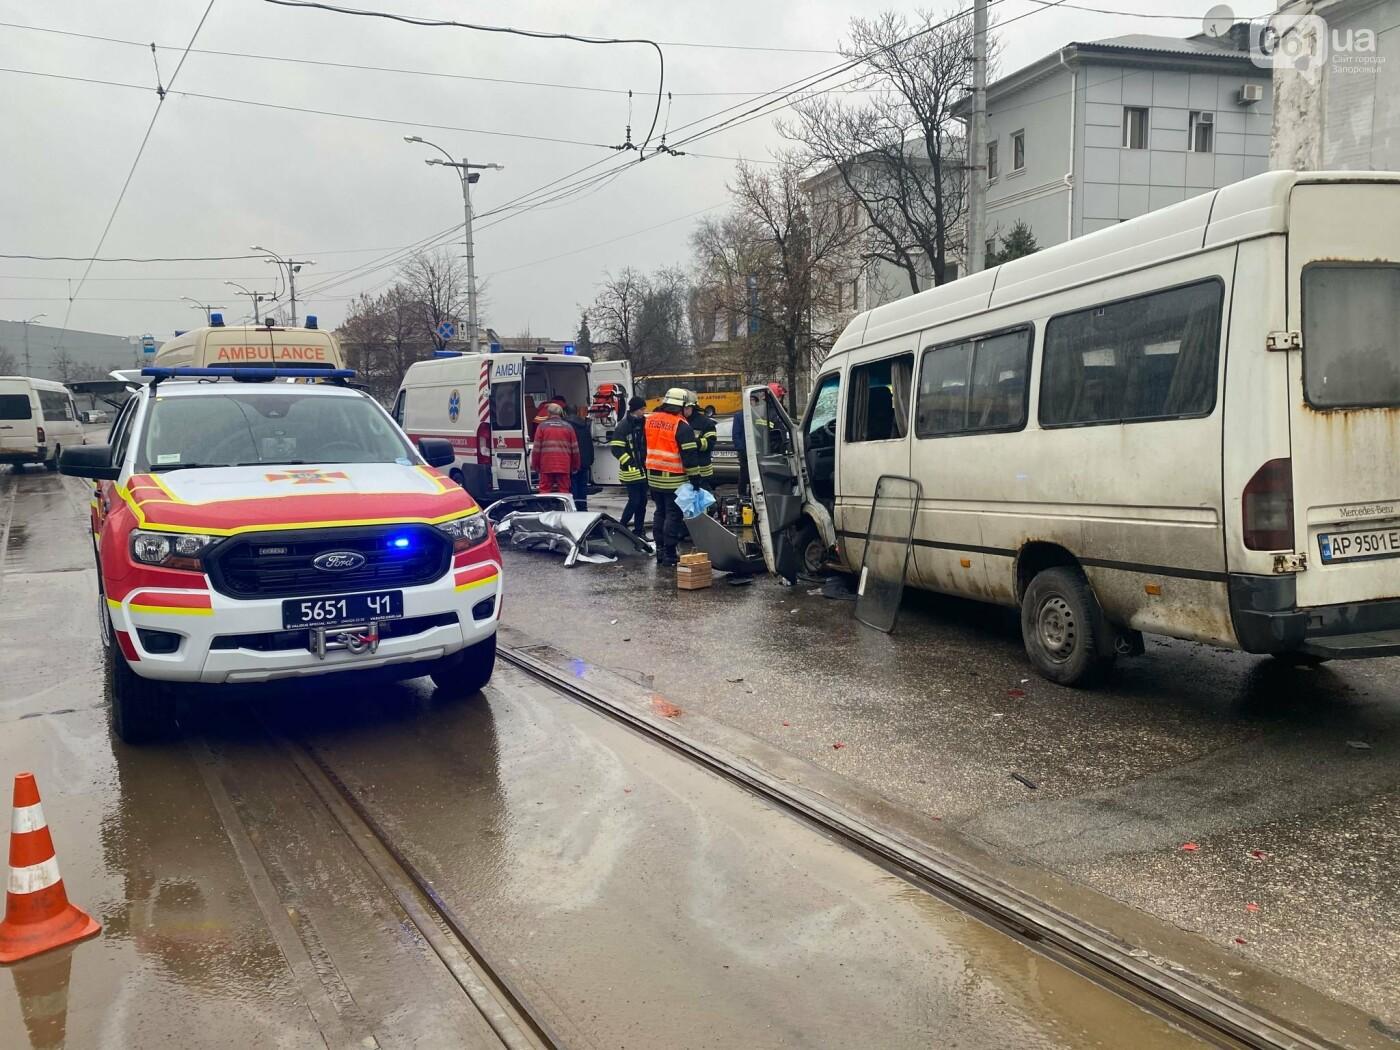 Авария в Запорожье: спасатели срезали крышу легкового автомобиля, чтобы достать погибшую пассажирку, - ФОТО , фото-6